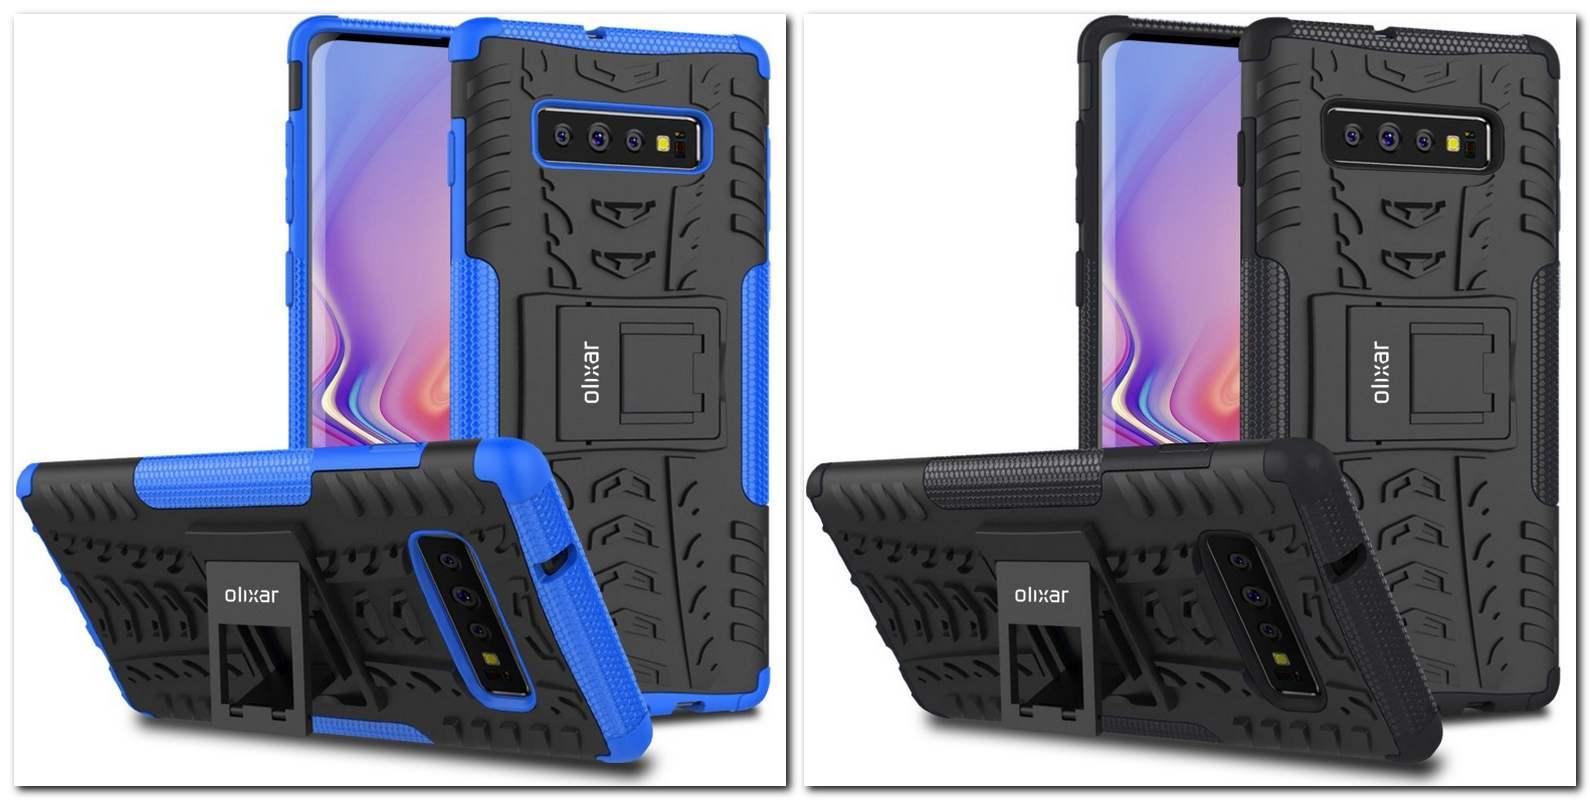 Galaxy S10 Bumper cases. Image: Olixar